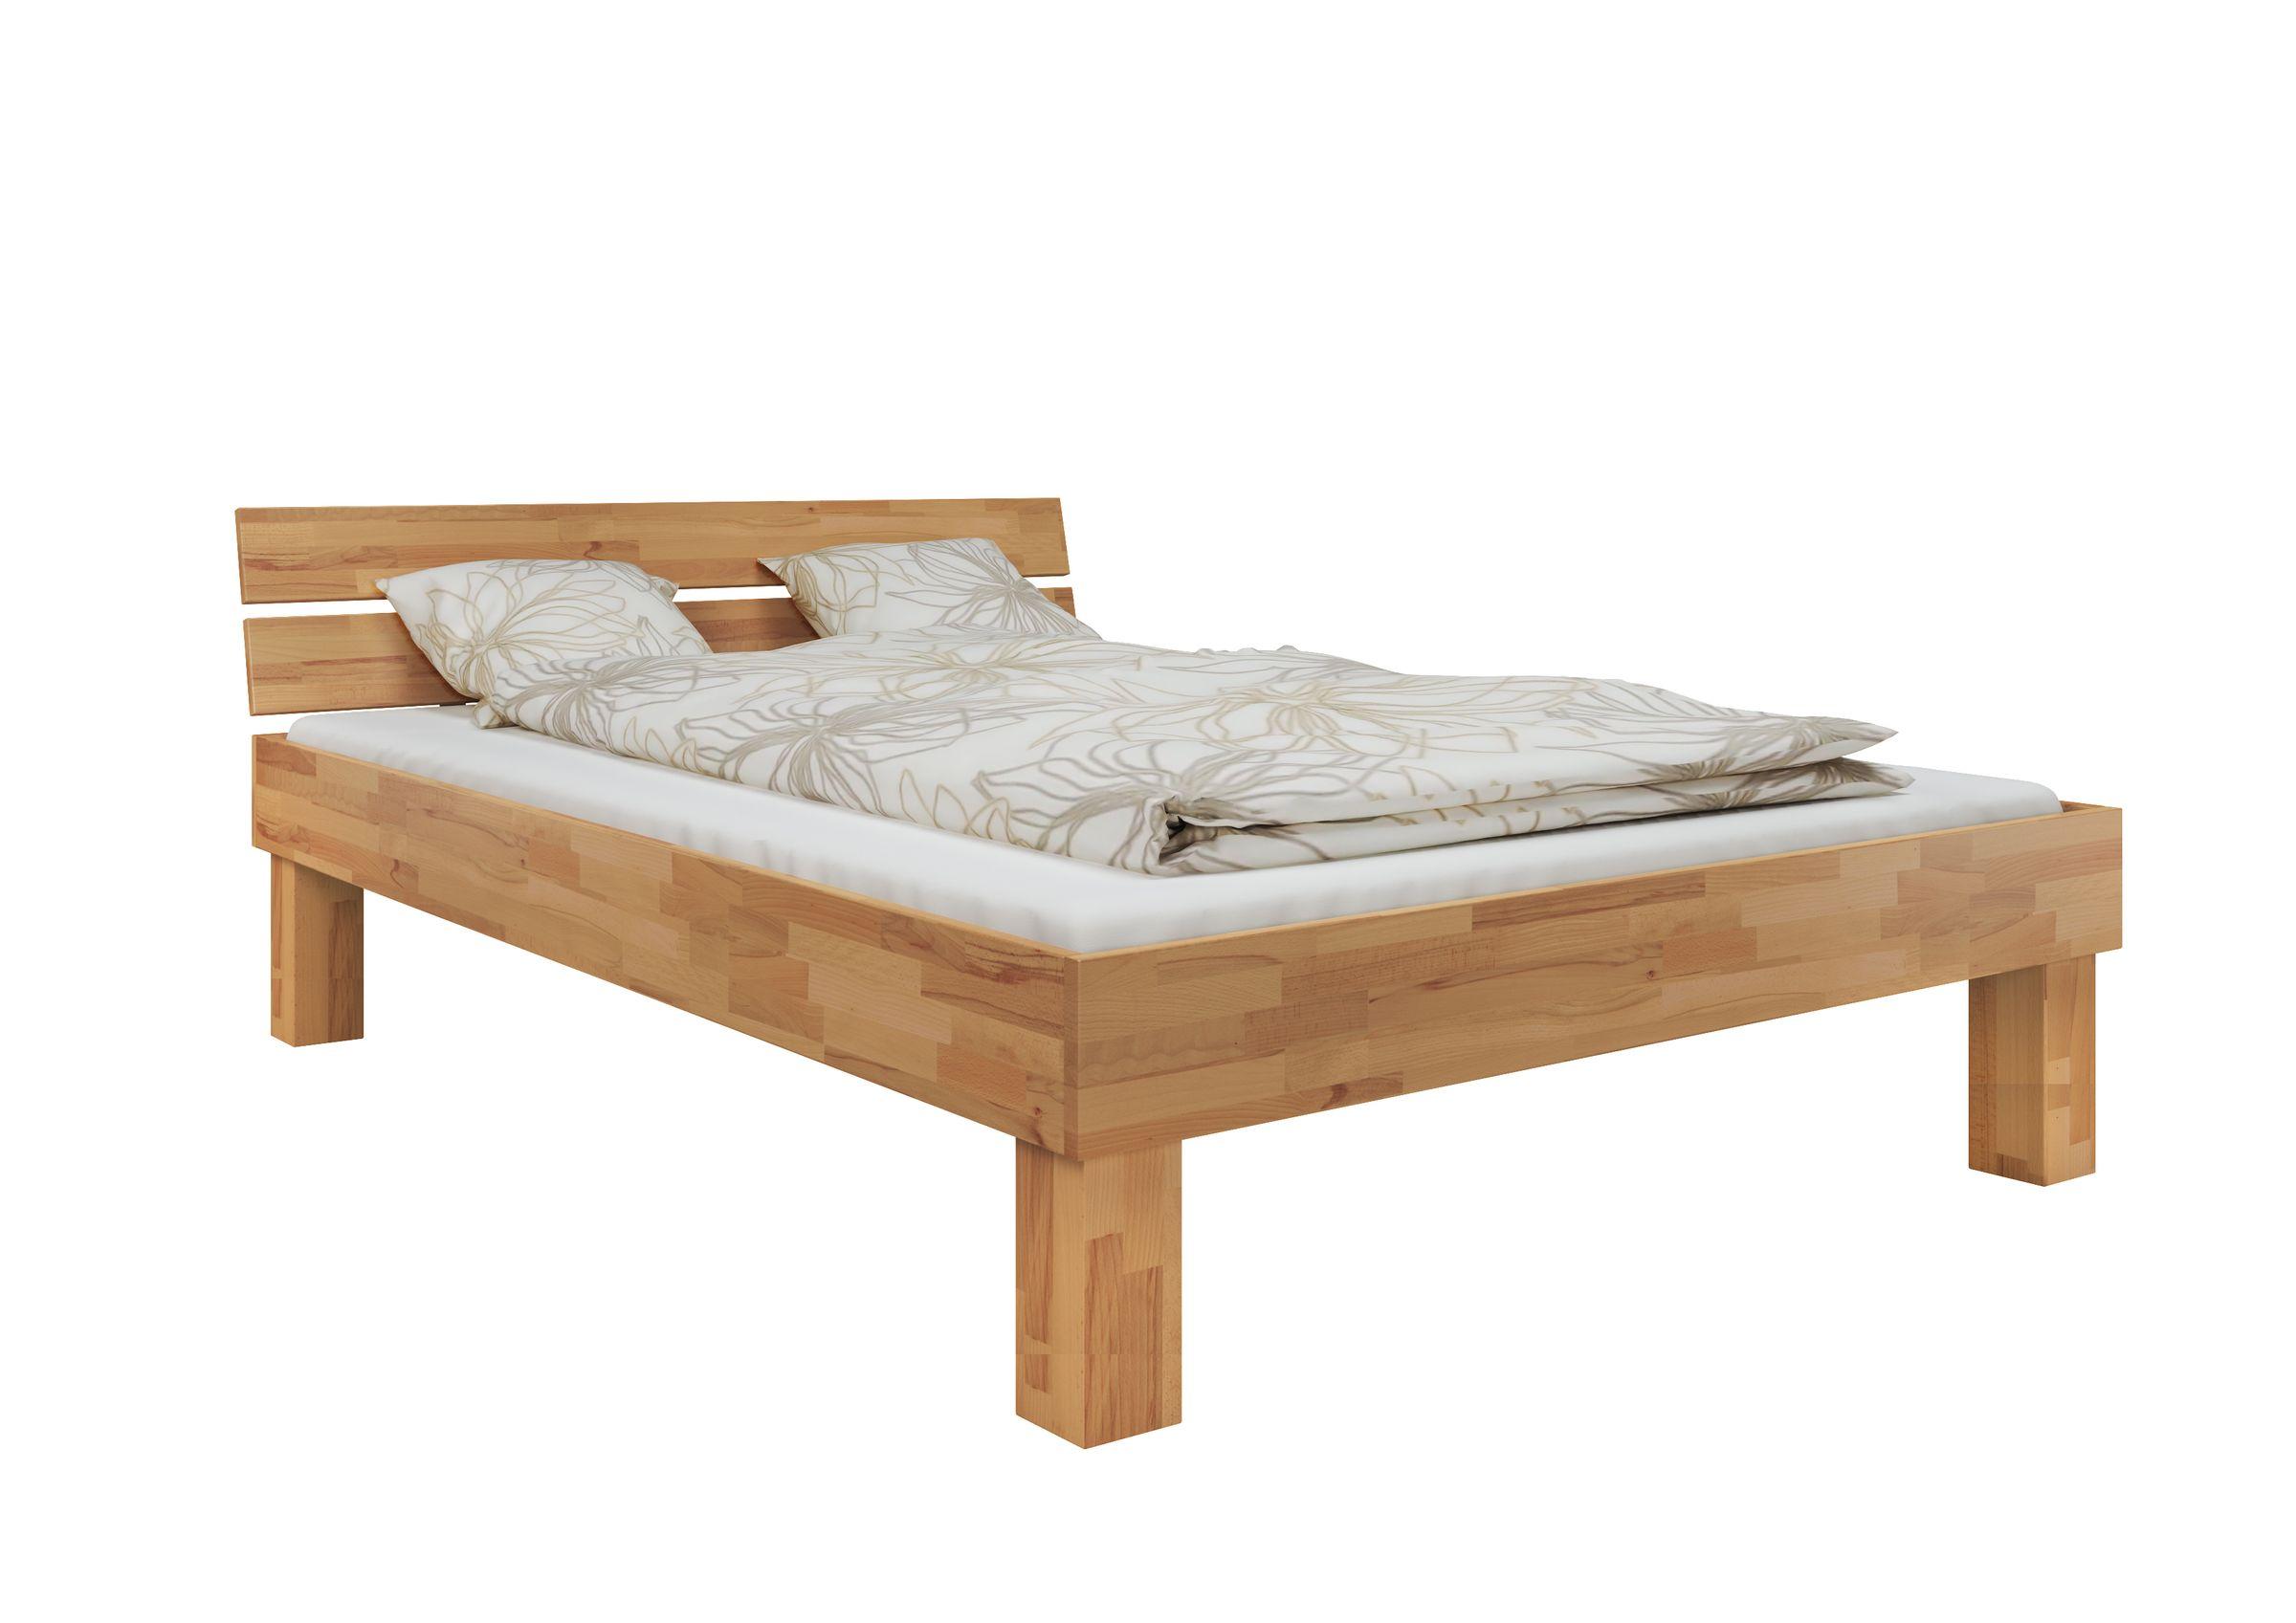 Doppelbett Buche 140x200 hohes Massivholzbett Seniorenbett inkl ...